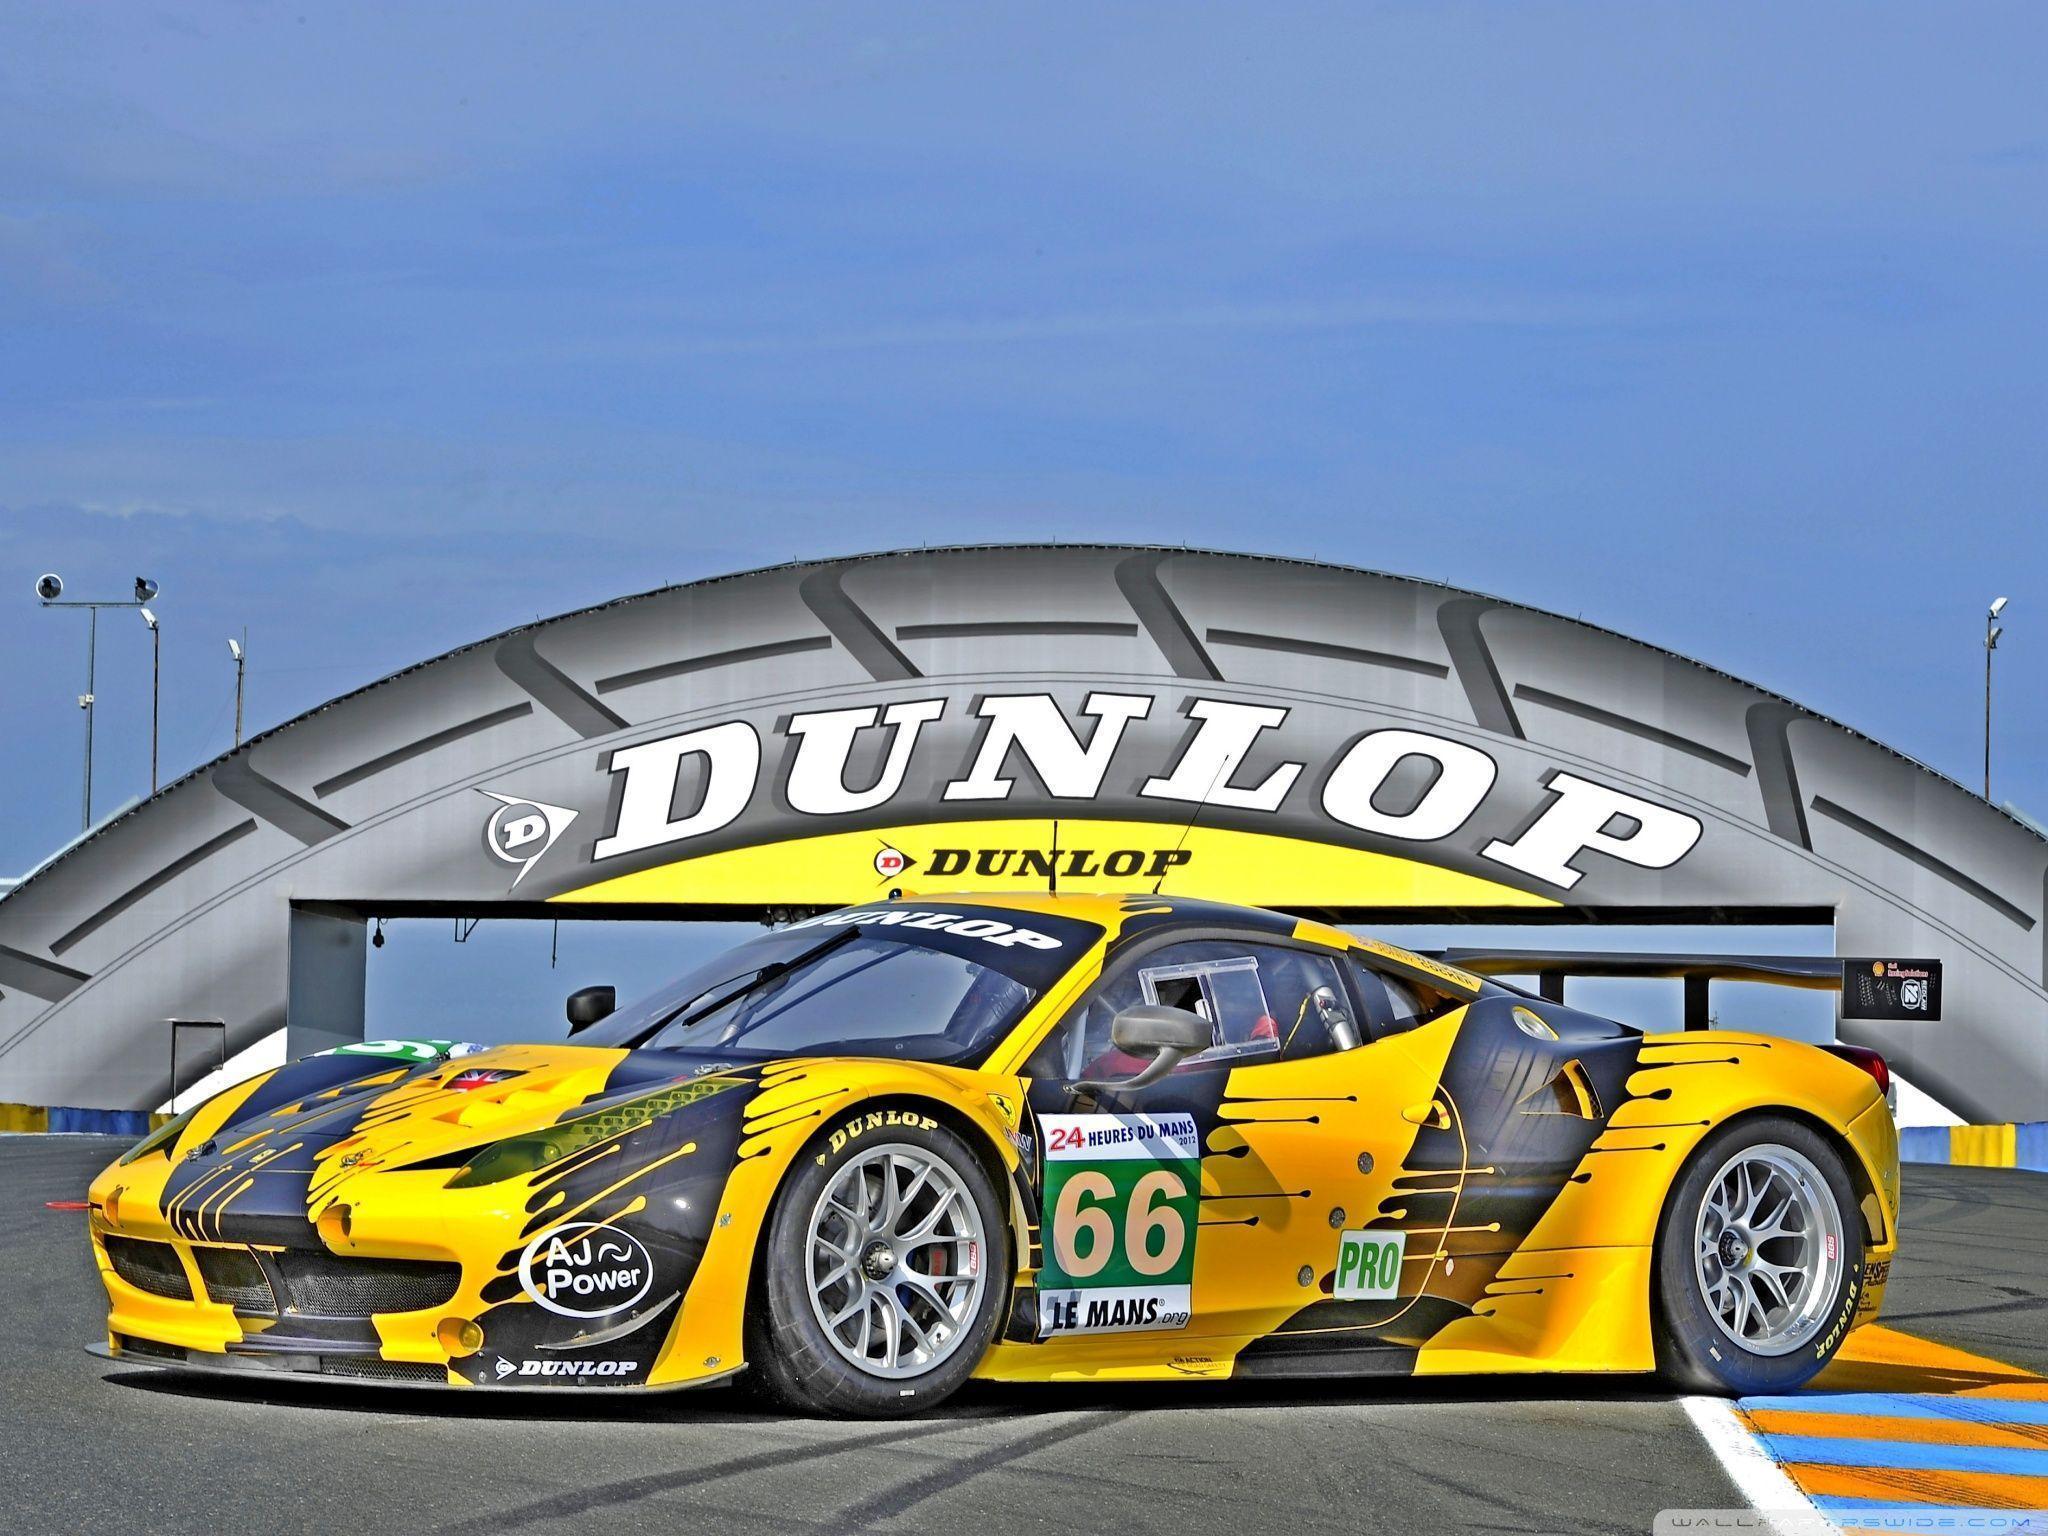 Dunlop Le Mans HD desktop wallpaper : High Definition : Fullscreen ...